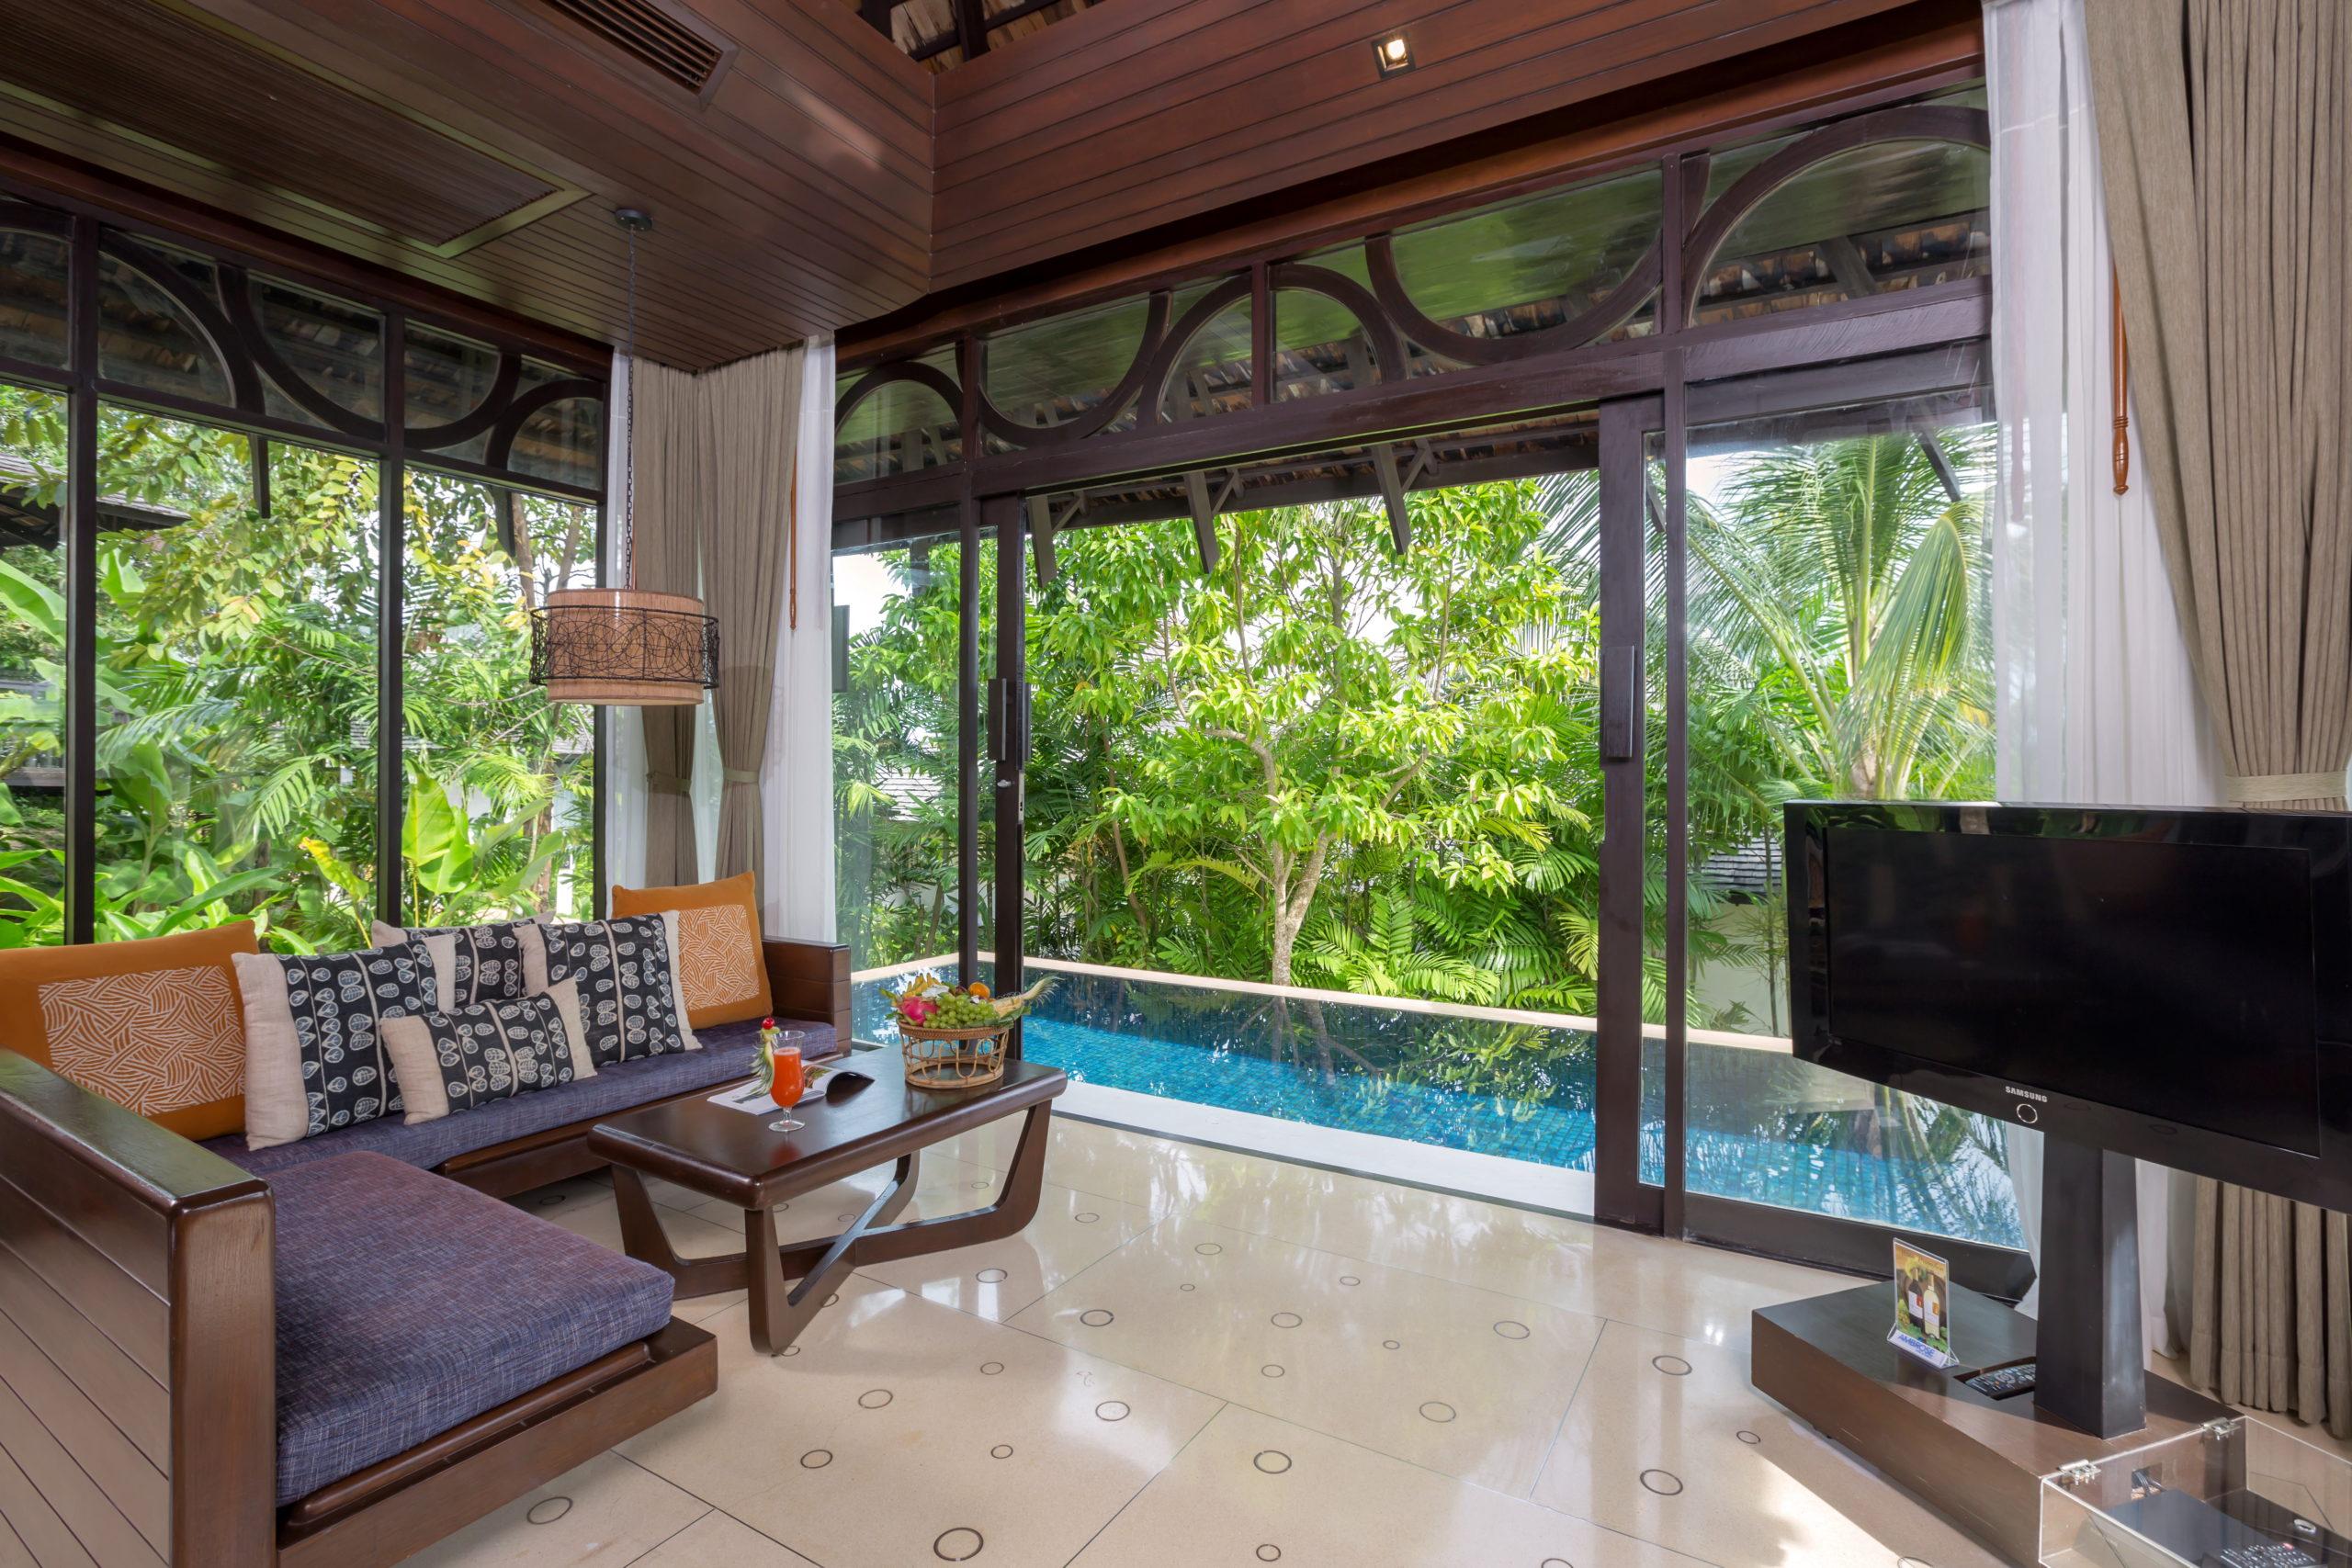 006_Two-Bedroom Pool Villa_Master Bedroom_Leavingroom The Vijitt Resort Phuket